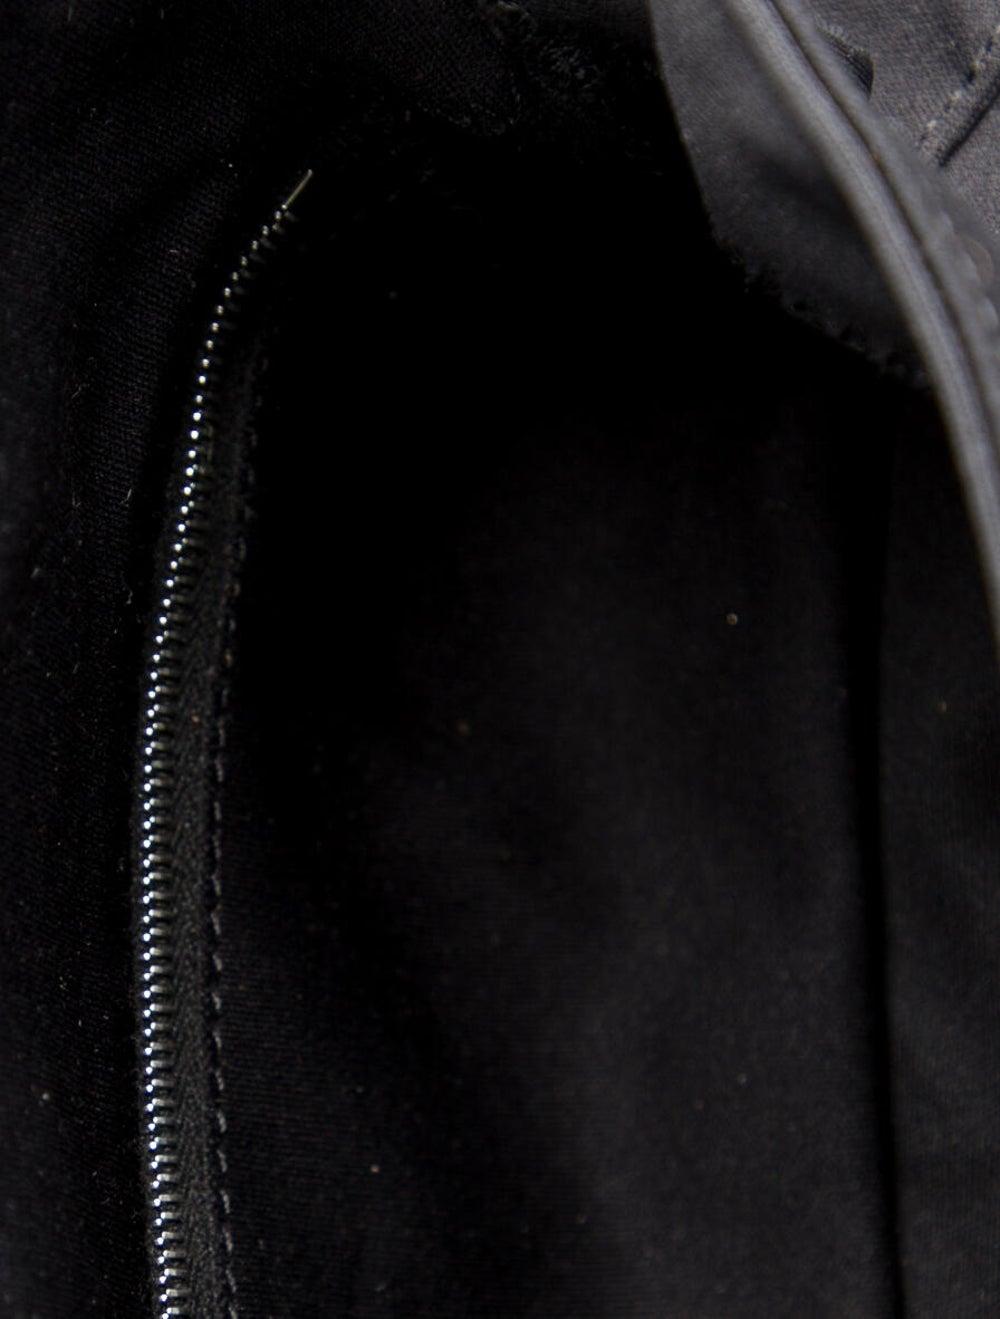 Fendi Leather-Trimmed Nylon Shoulder Bag Black - image 5